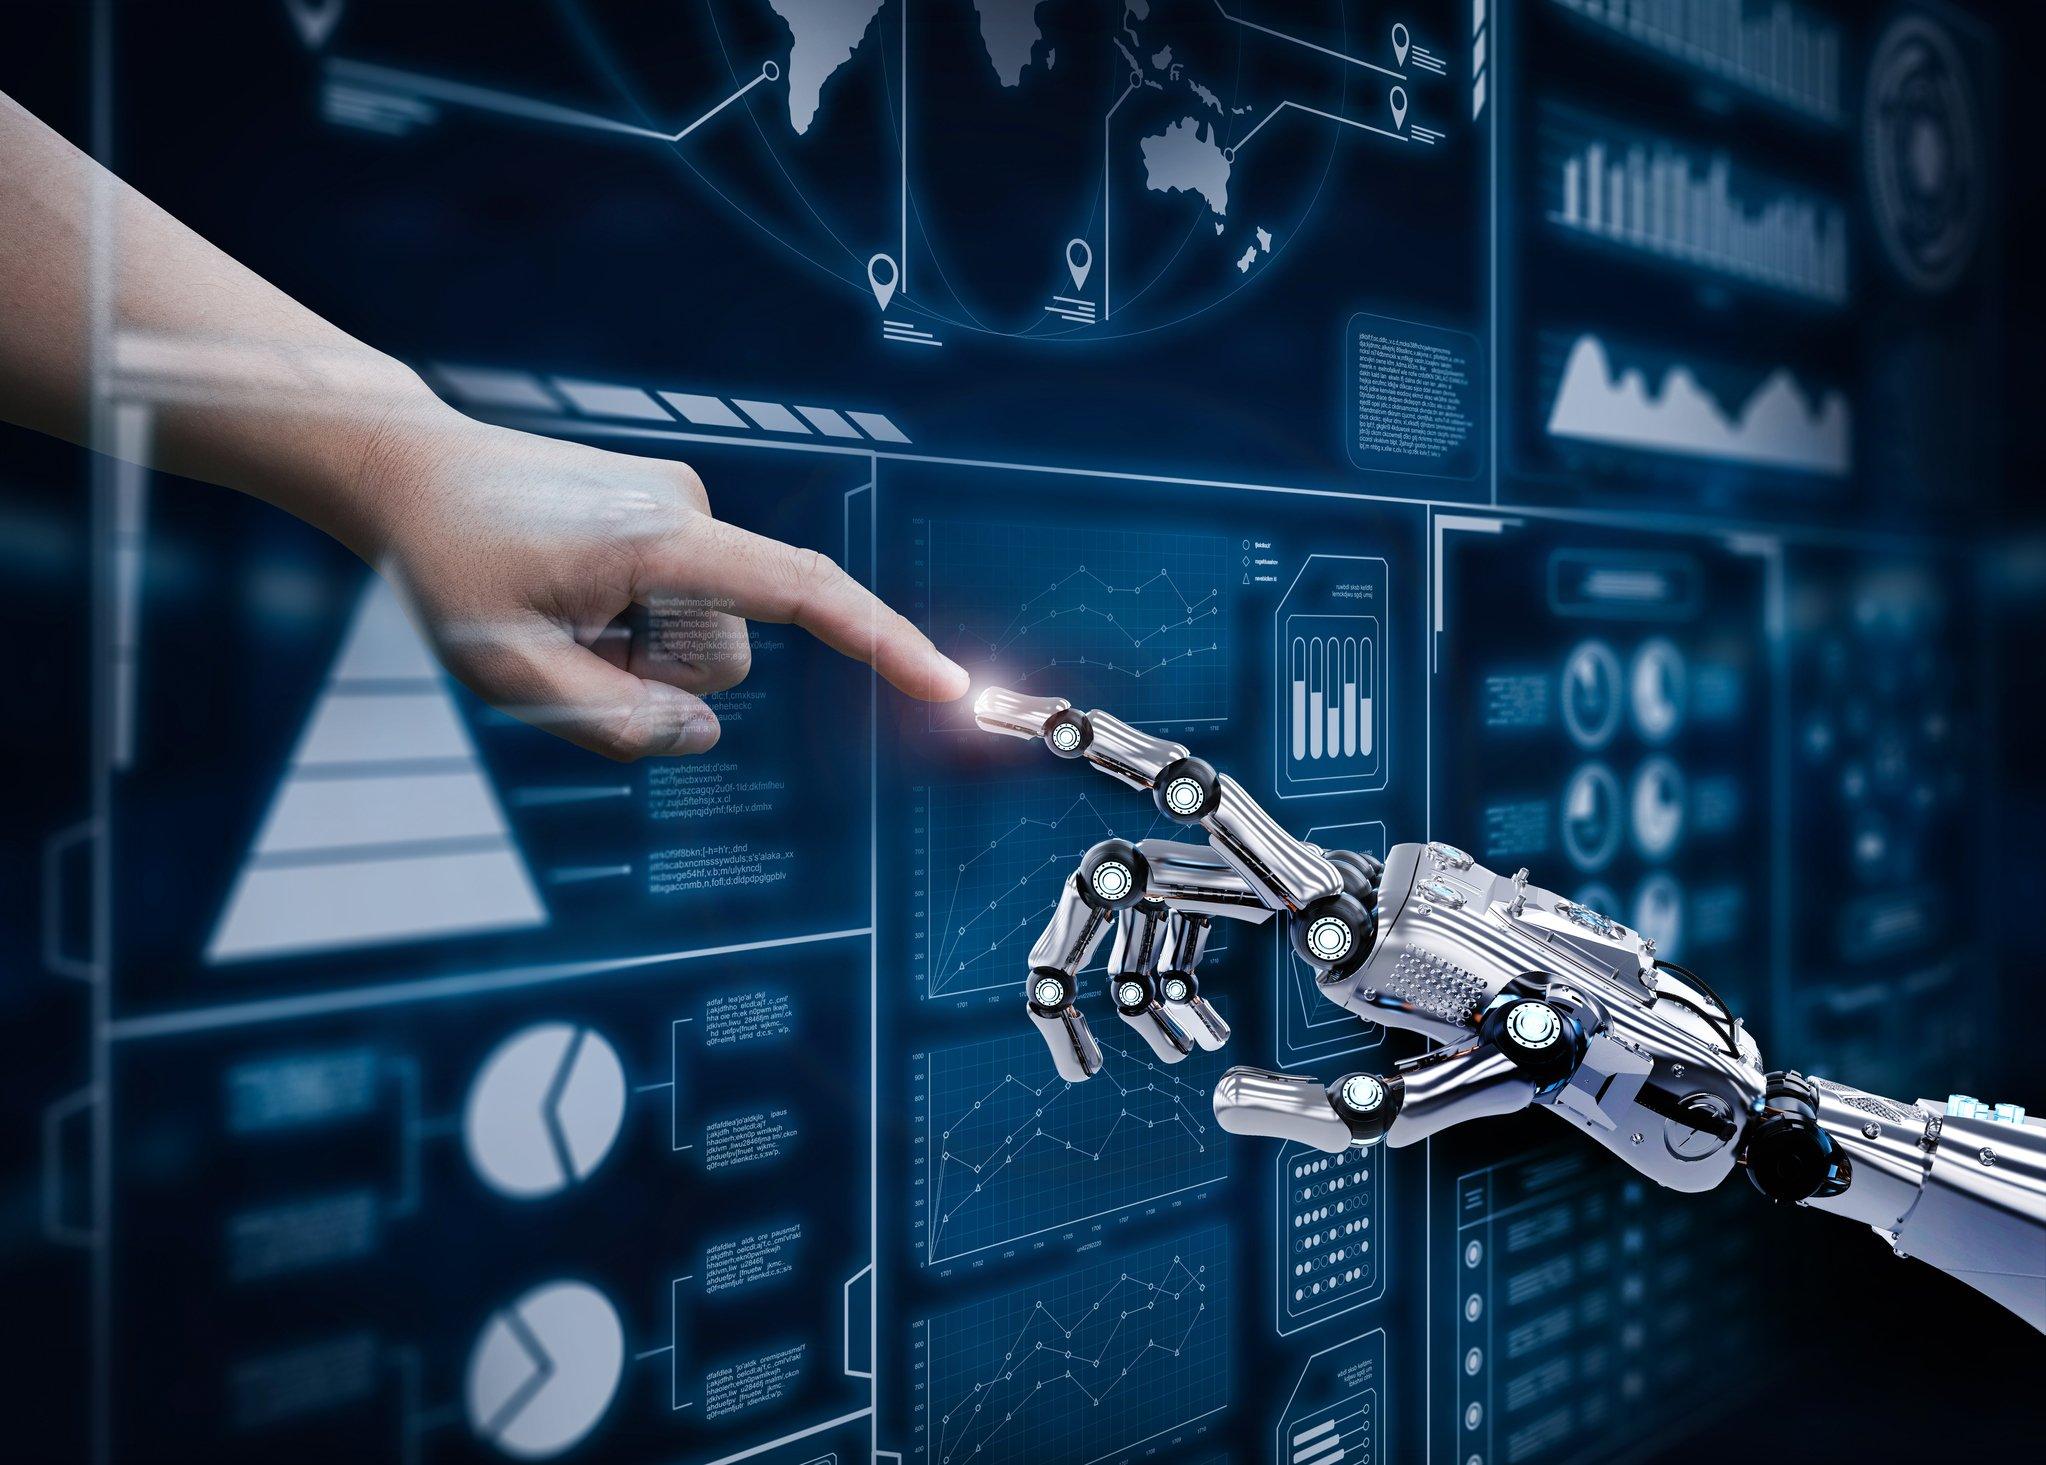 Análisis del papel de la automatización de procesos industriales hoy y mañana